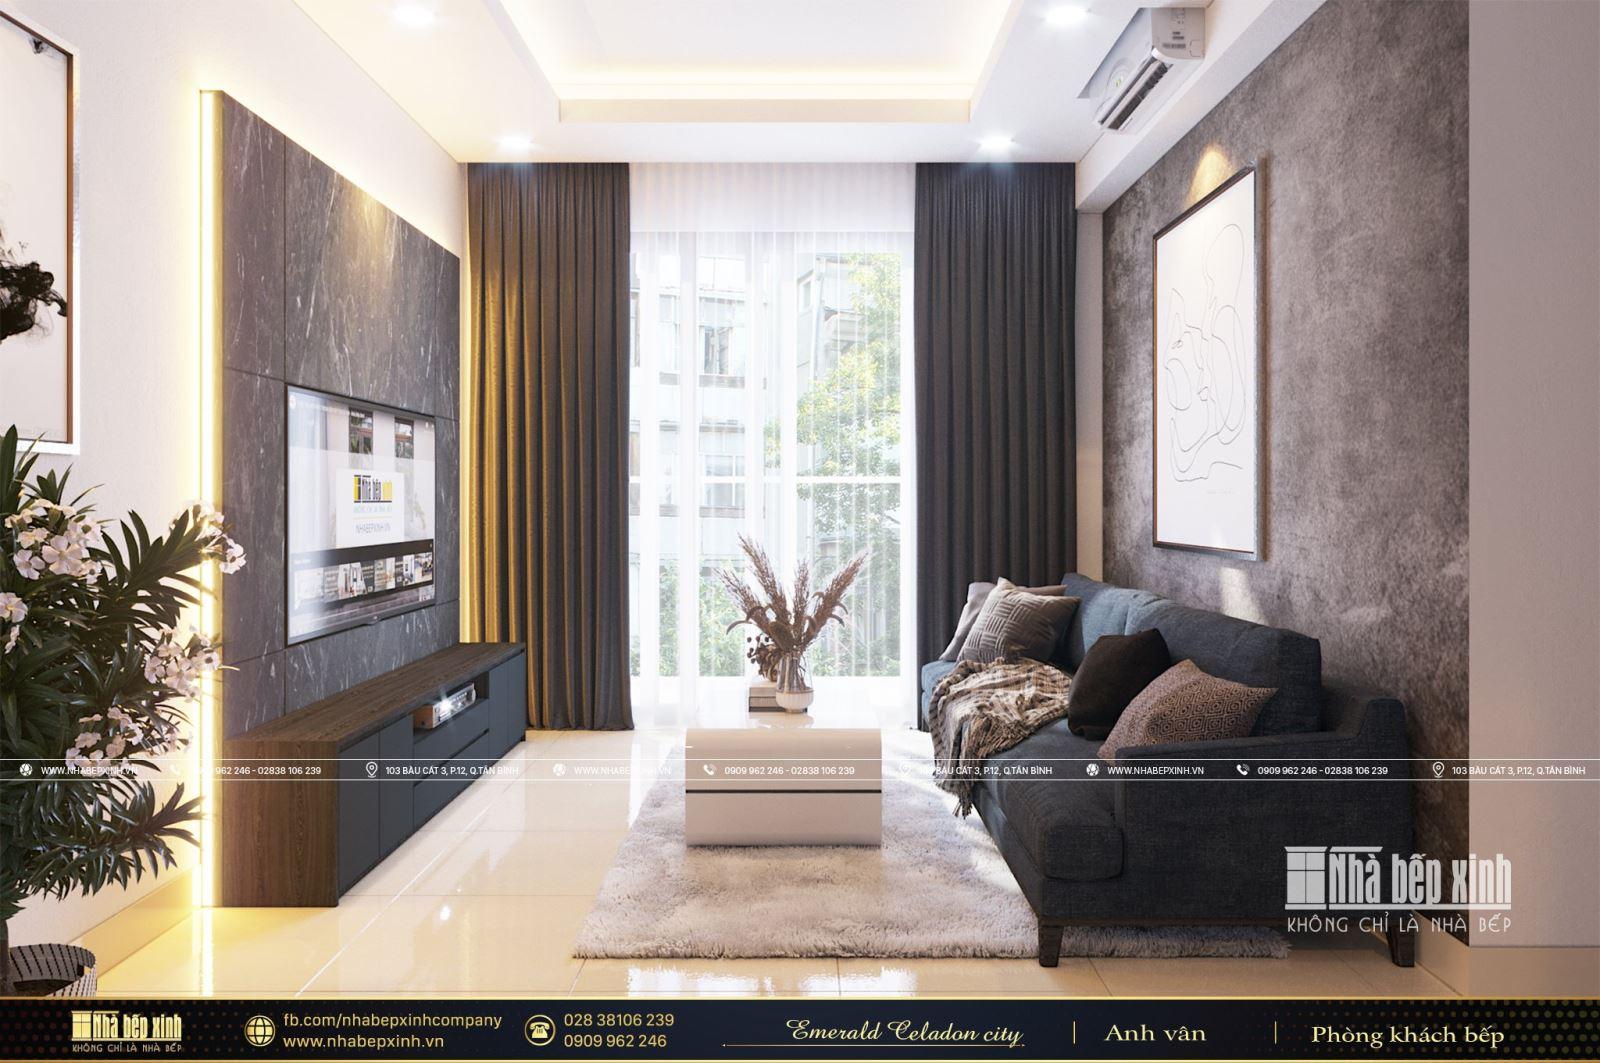 Khám phá nét đẹp hiện đại tại Emerald Celadon City 84m2